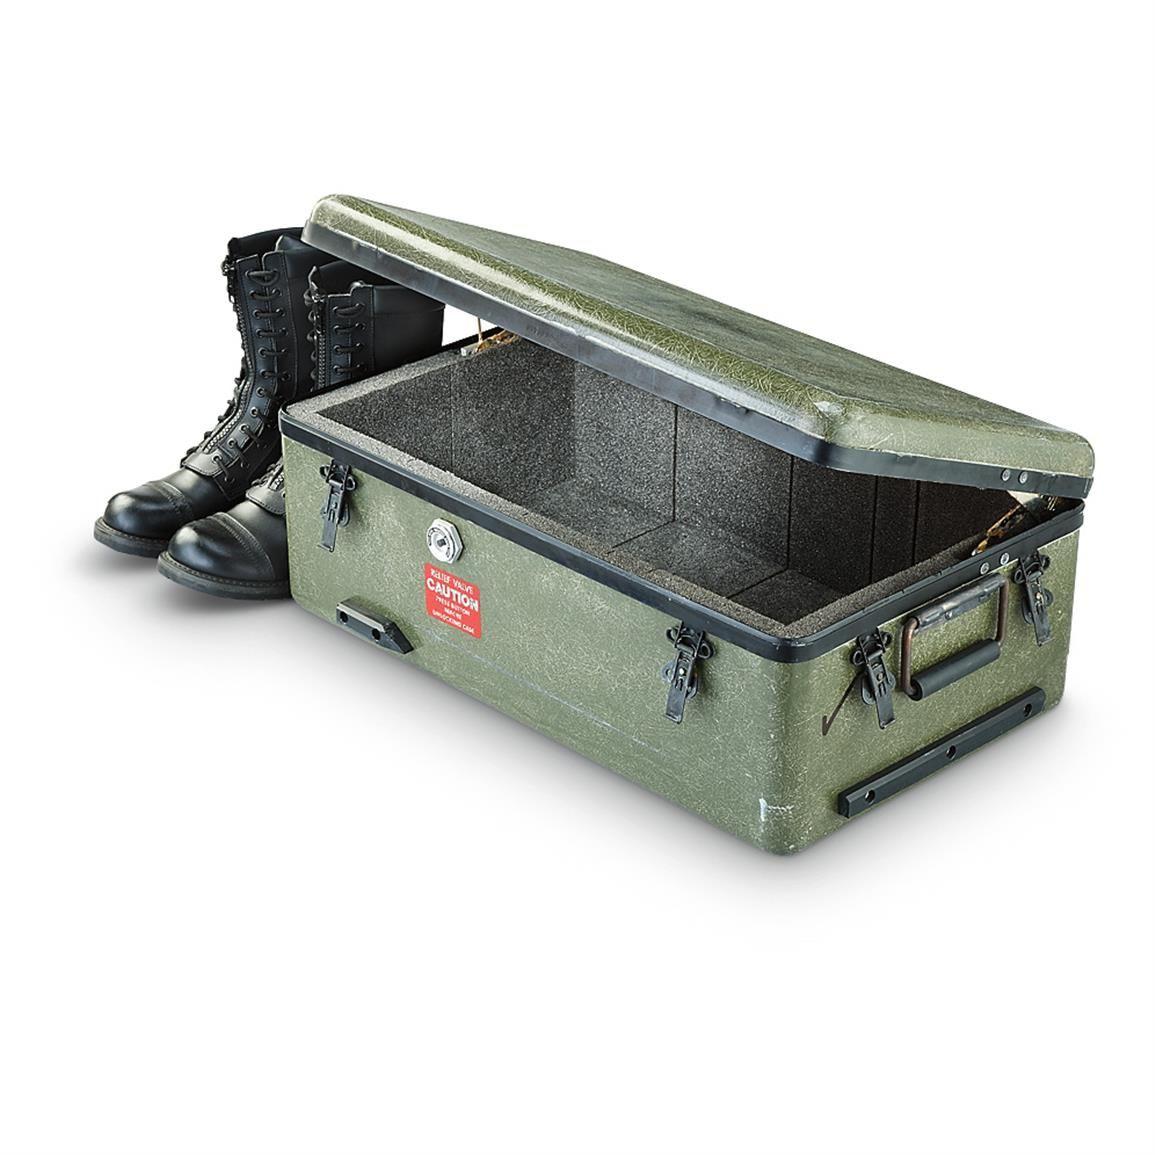 Used US Military Surplus Fiberglass Storage Container 2109 cu